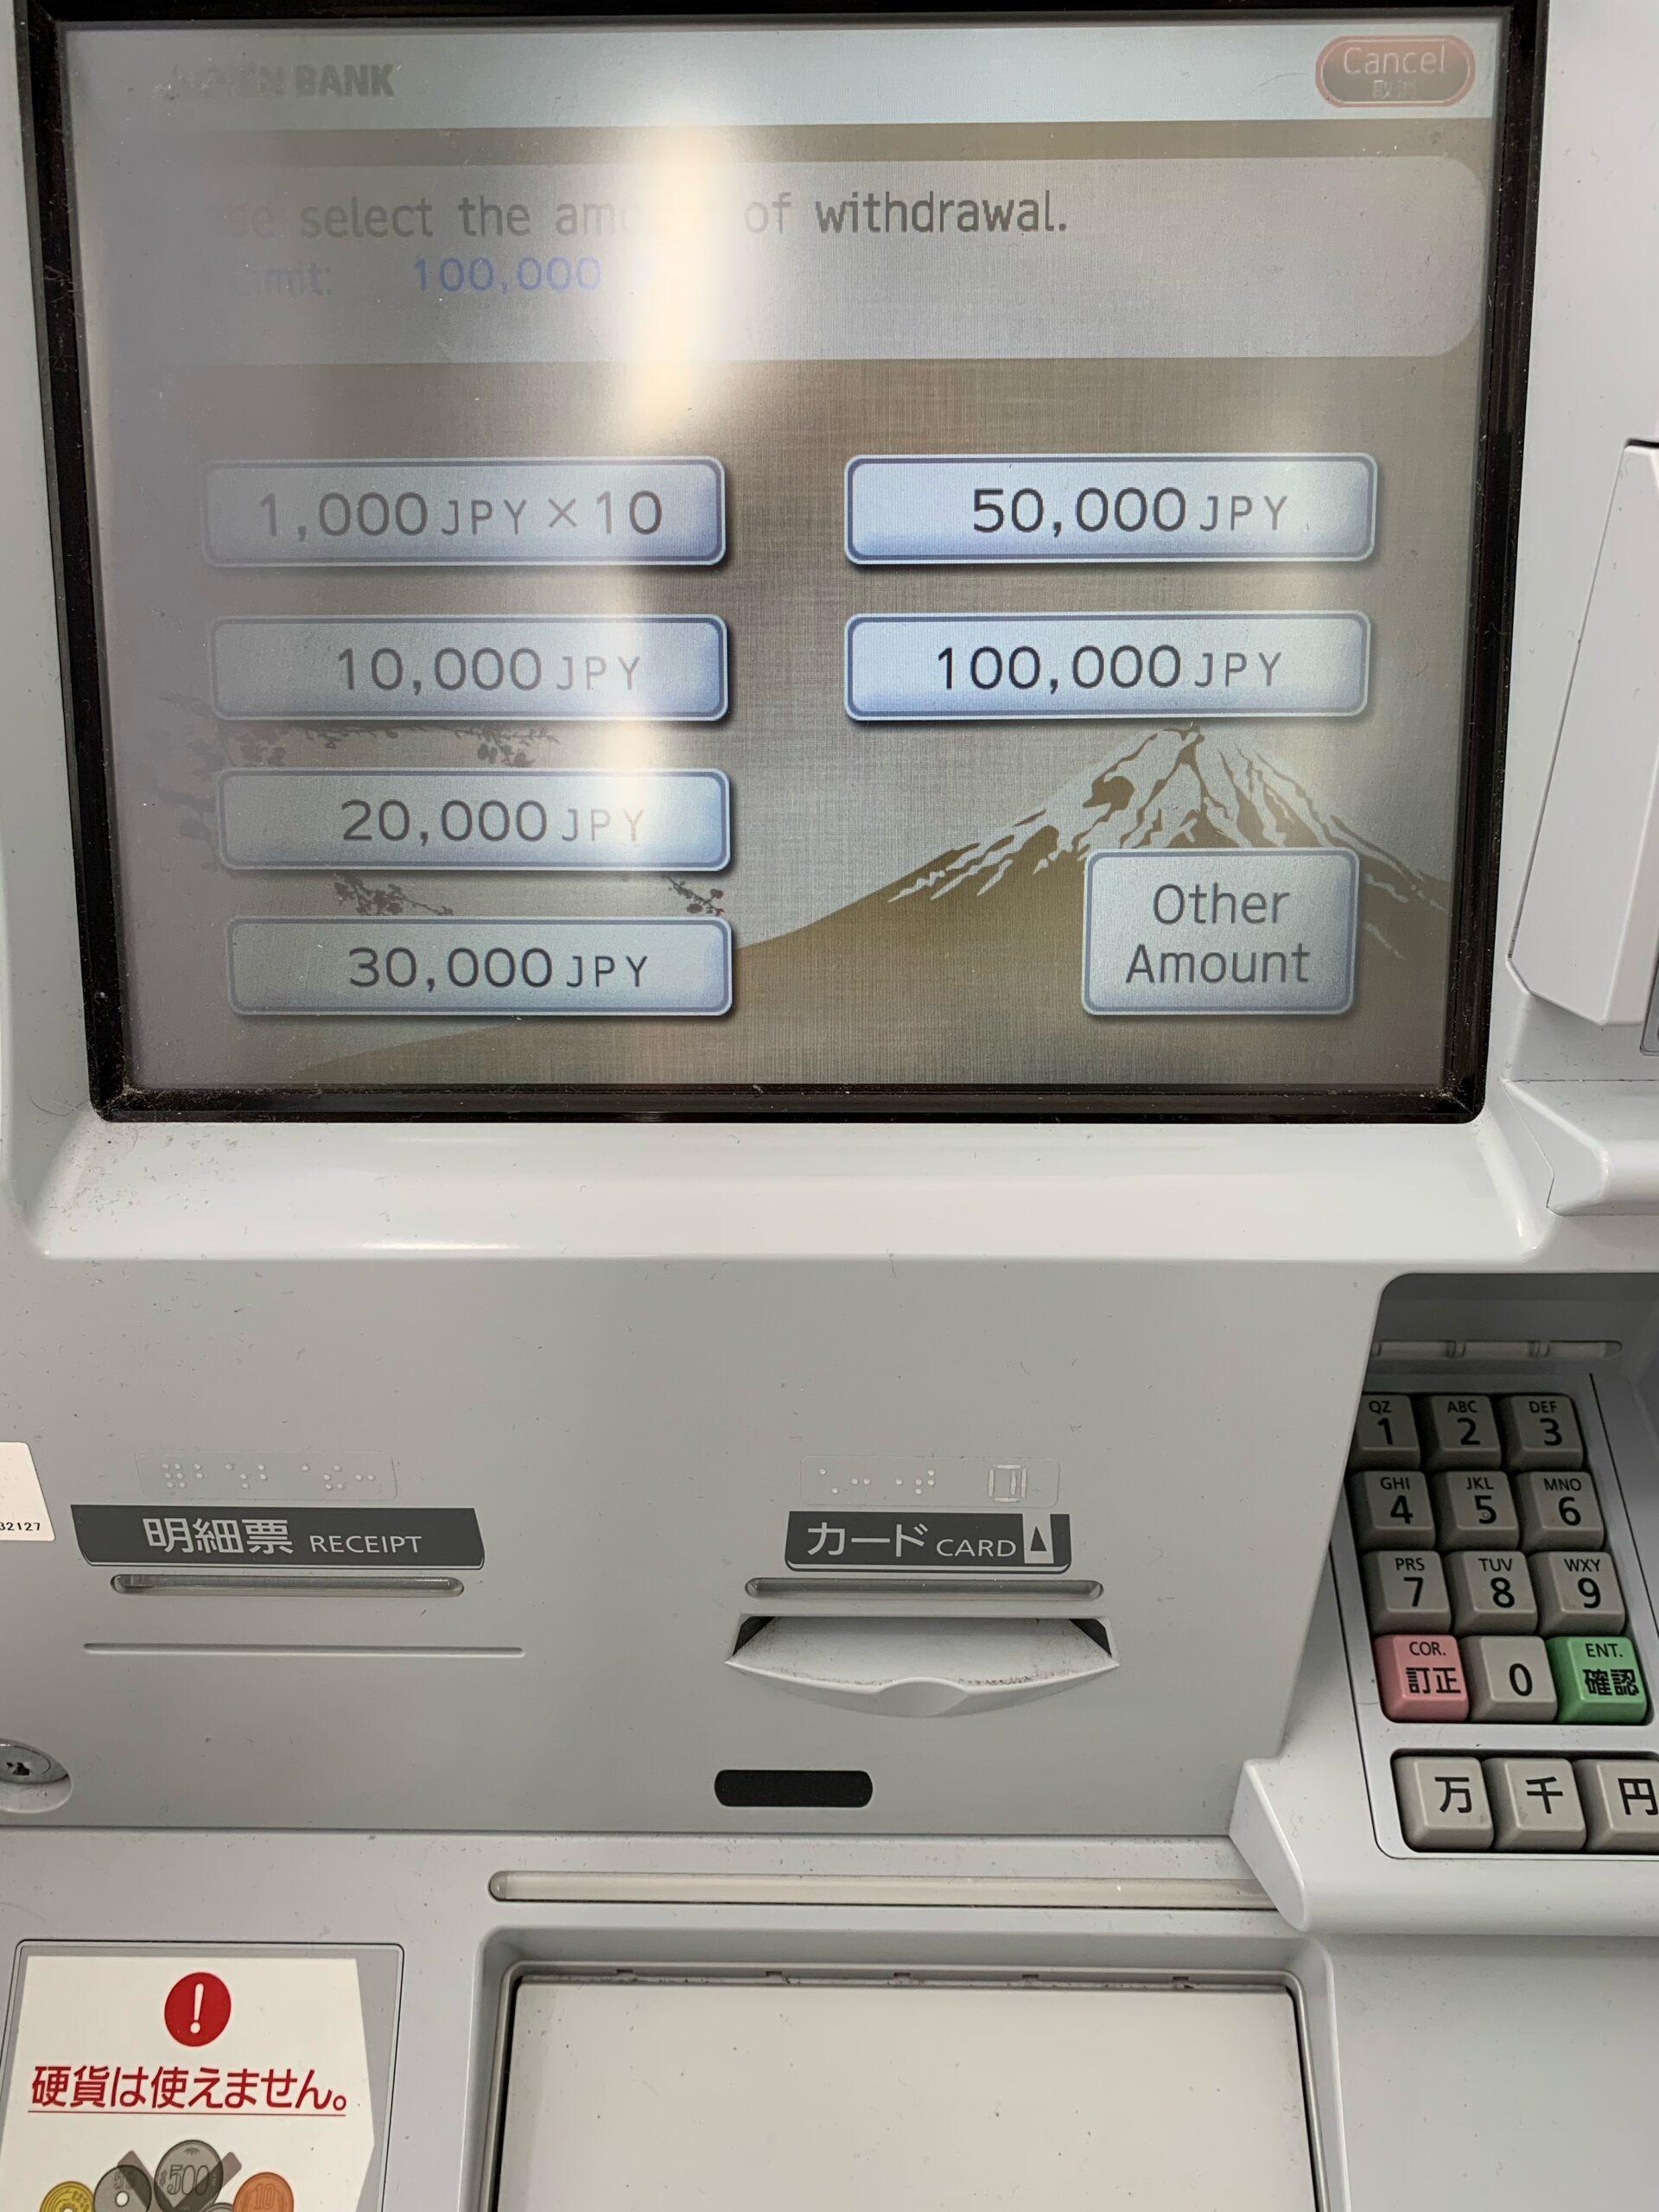 TIGER PAY ATM出金6